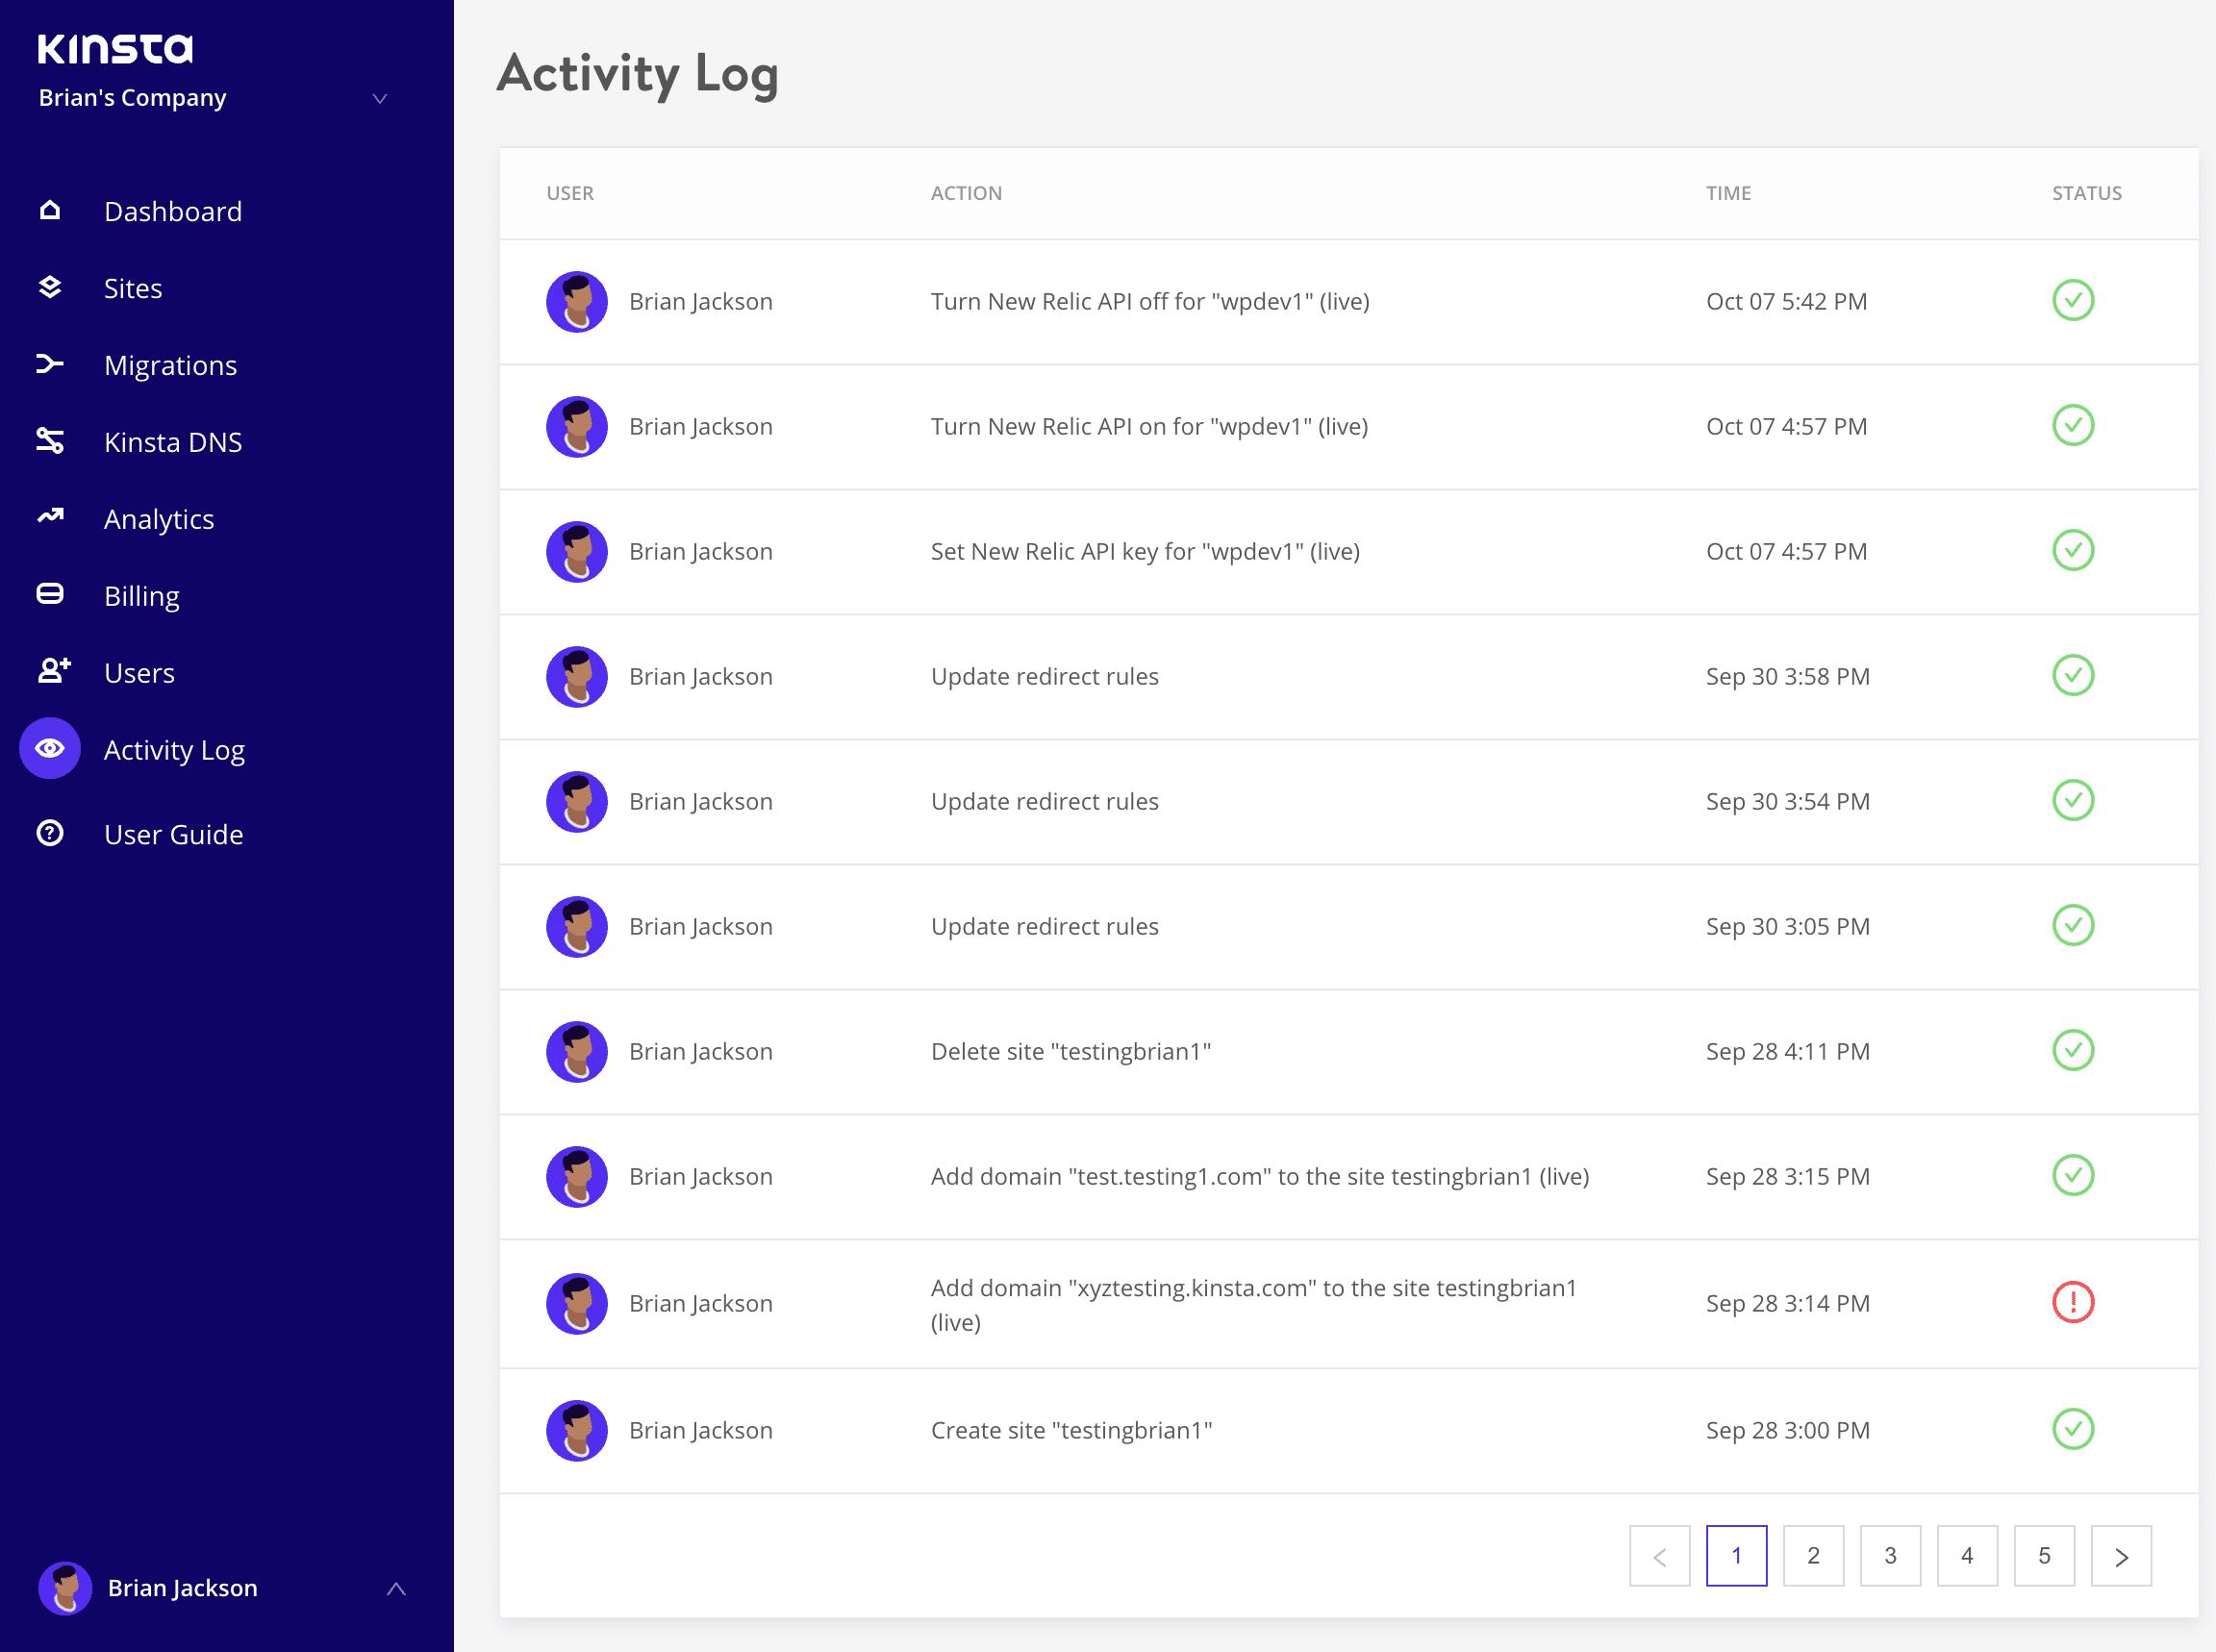 Registro de actividades de MyKinsta